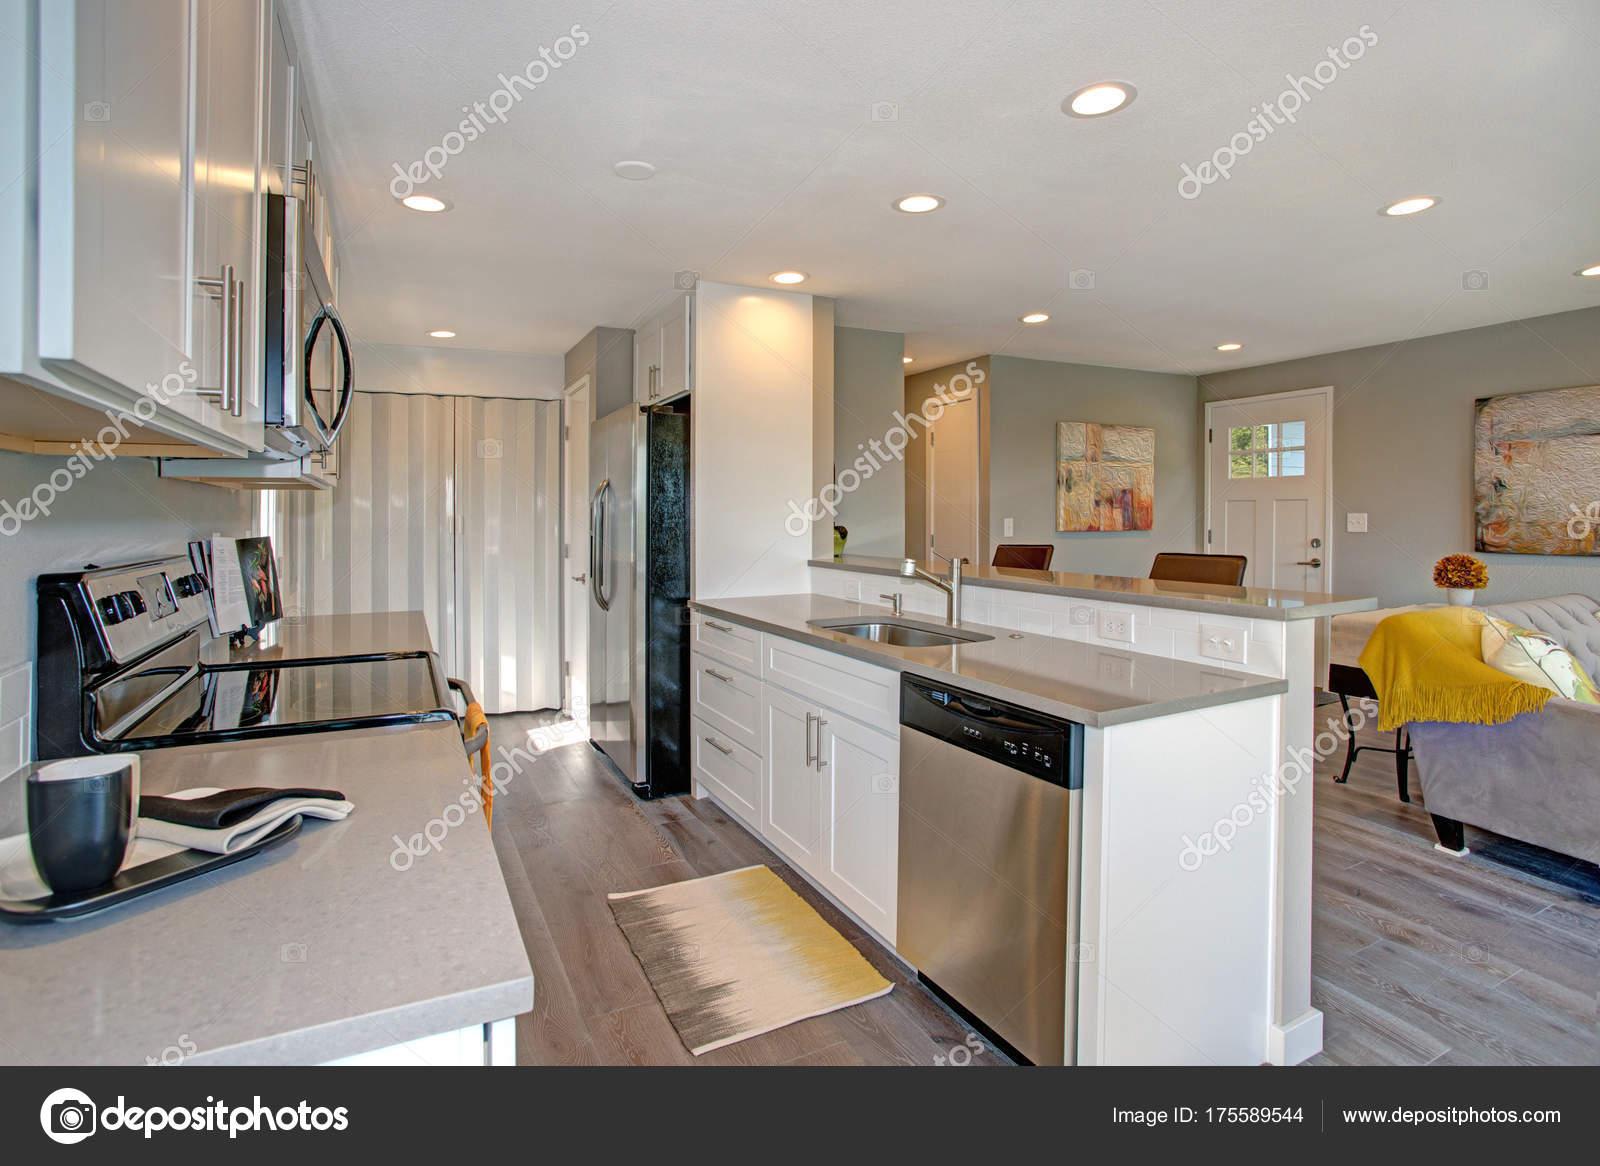 Roestvrij Stalen Keuken : Licht gevulde keuken met roestvrijstalen apparaten